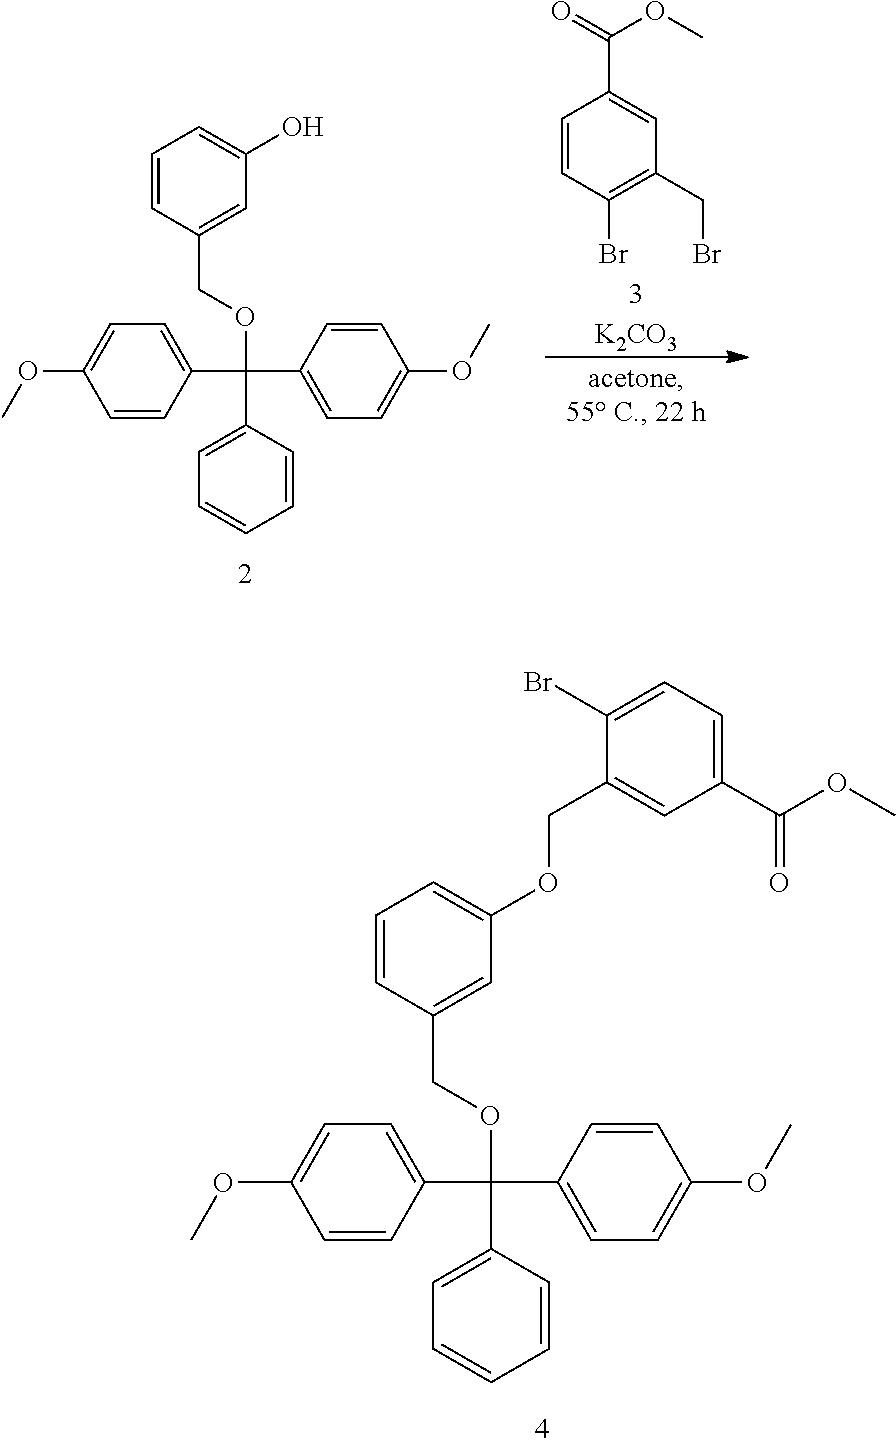 Figure US09988627-20180605-C00345